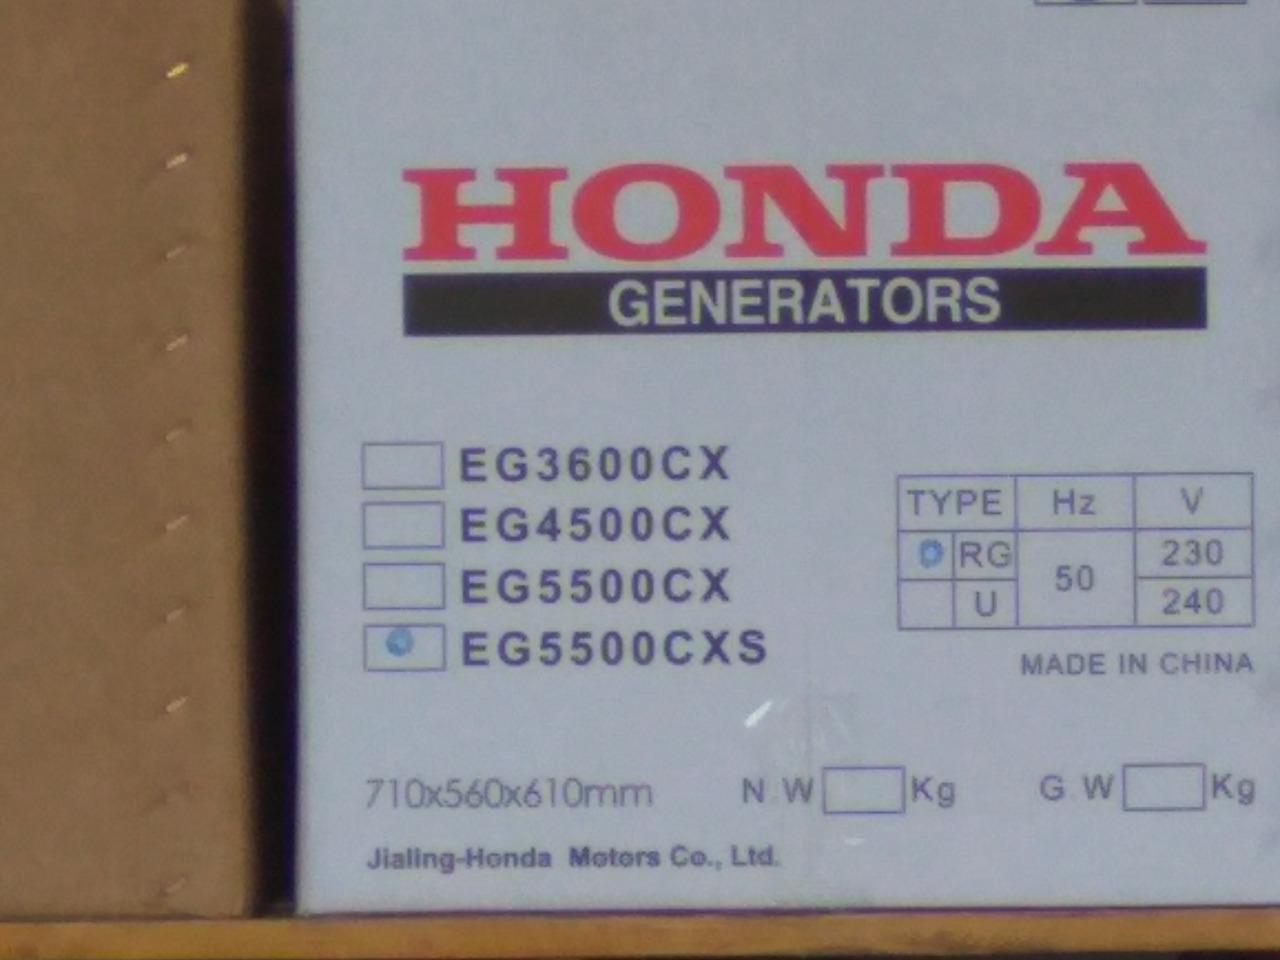 Фото оригинальной коробки генератора Honda EG5500CXS. Вот как он выглядит на официальном сайте Honda.